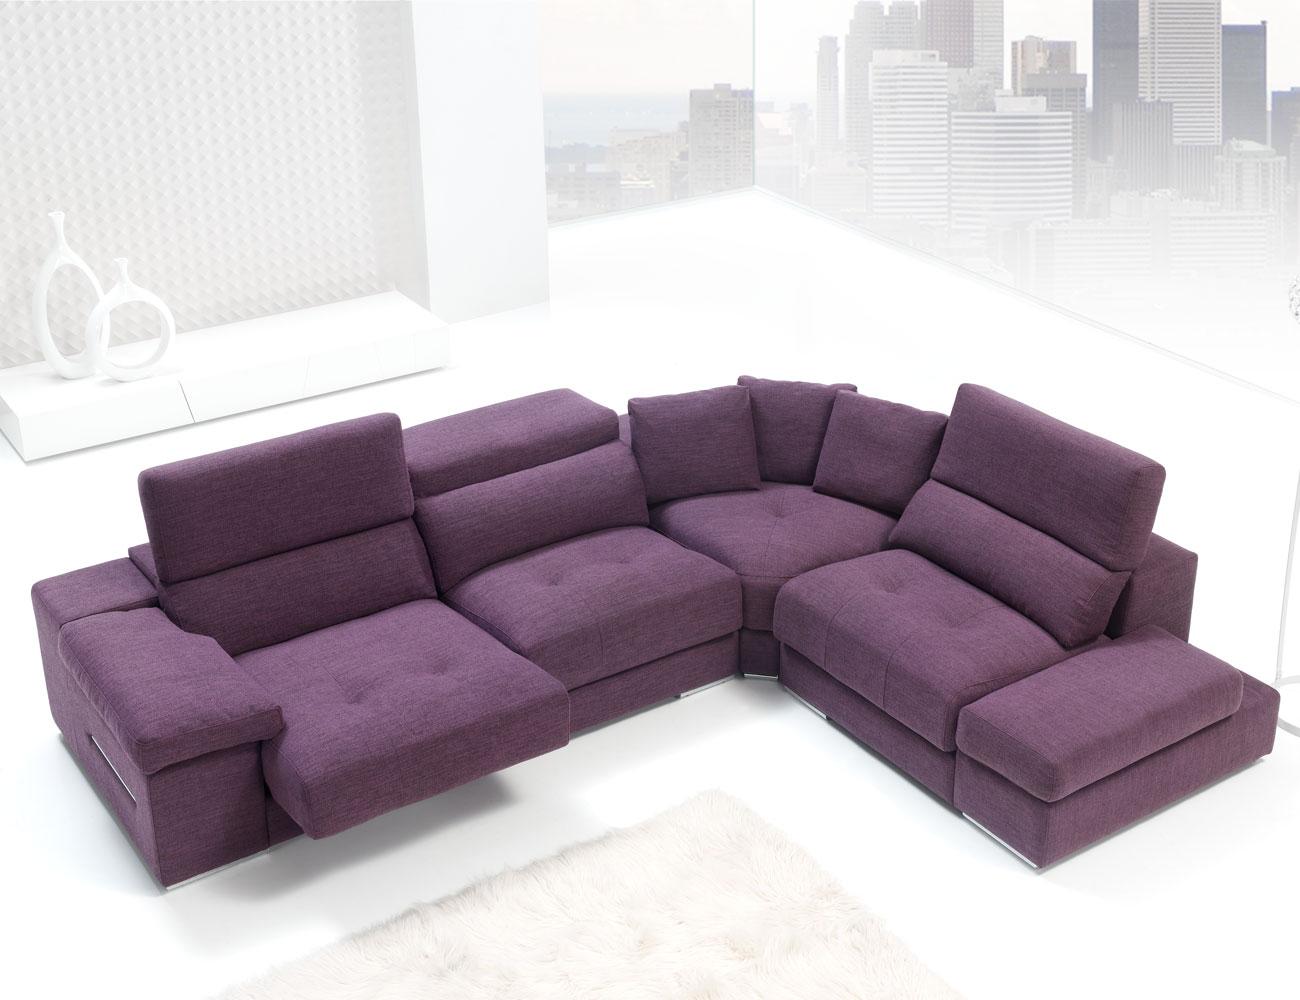 Sofa chaiselongue rincon con brazo mecanico tejido anti manchas 215